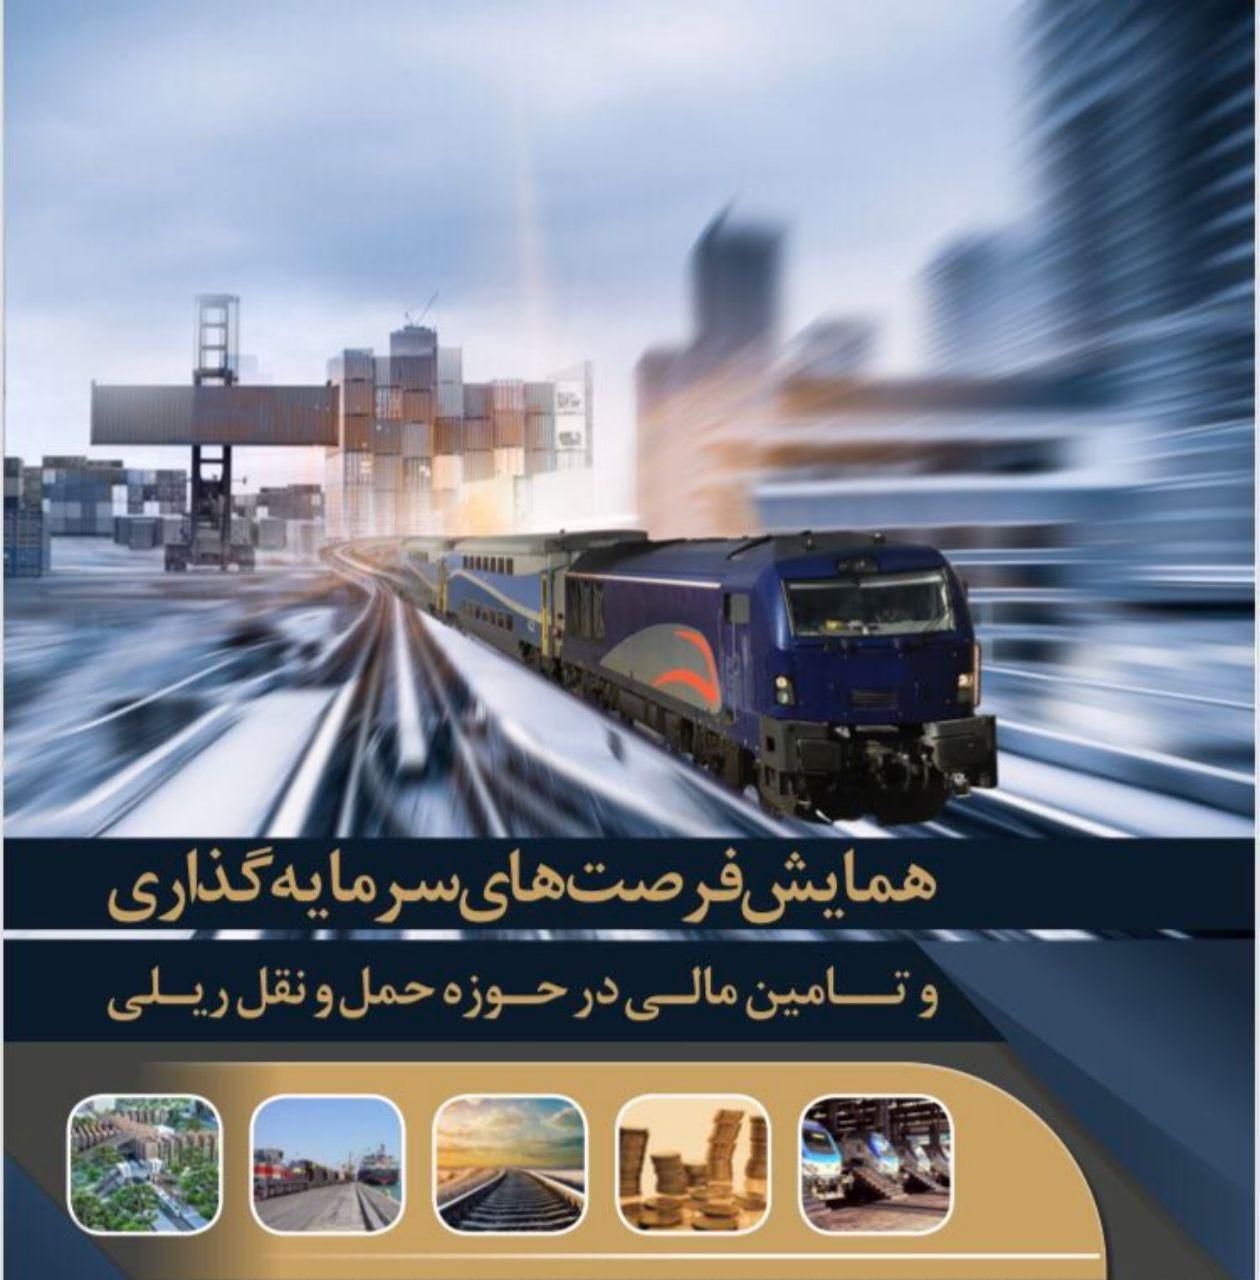 تیزر همایش فرصت های سرمایه گذاری و تامین مالی در حوزه حمل و نقل ریلی